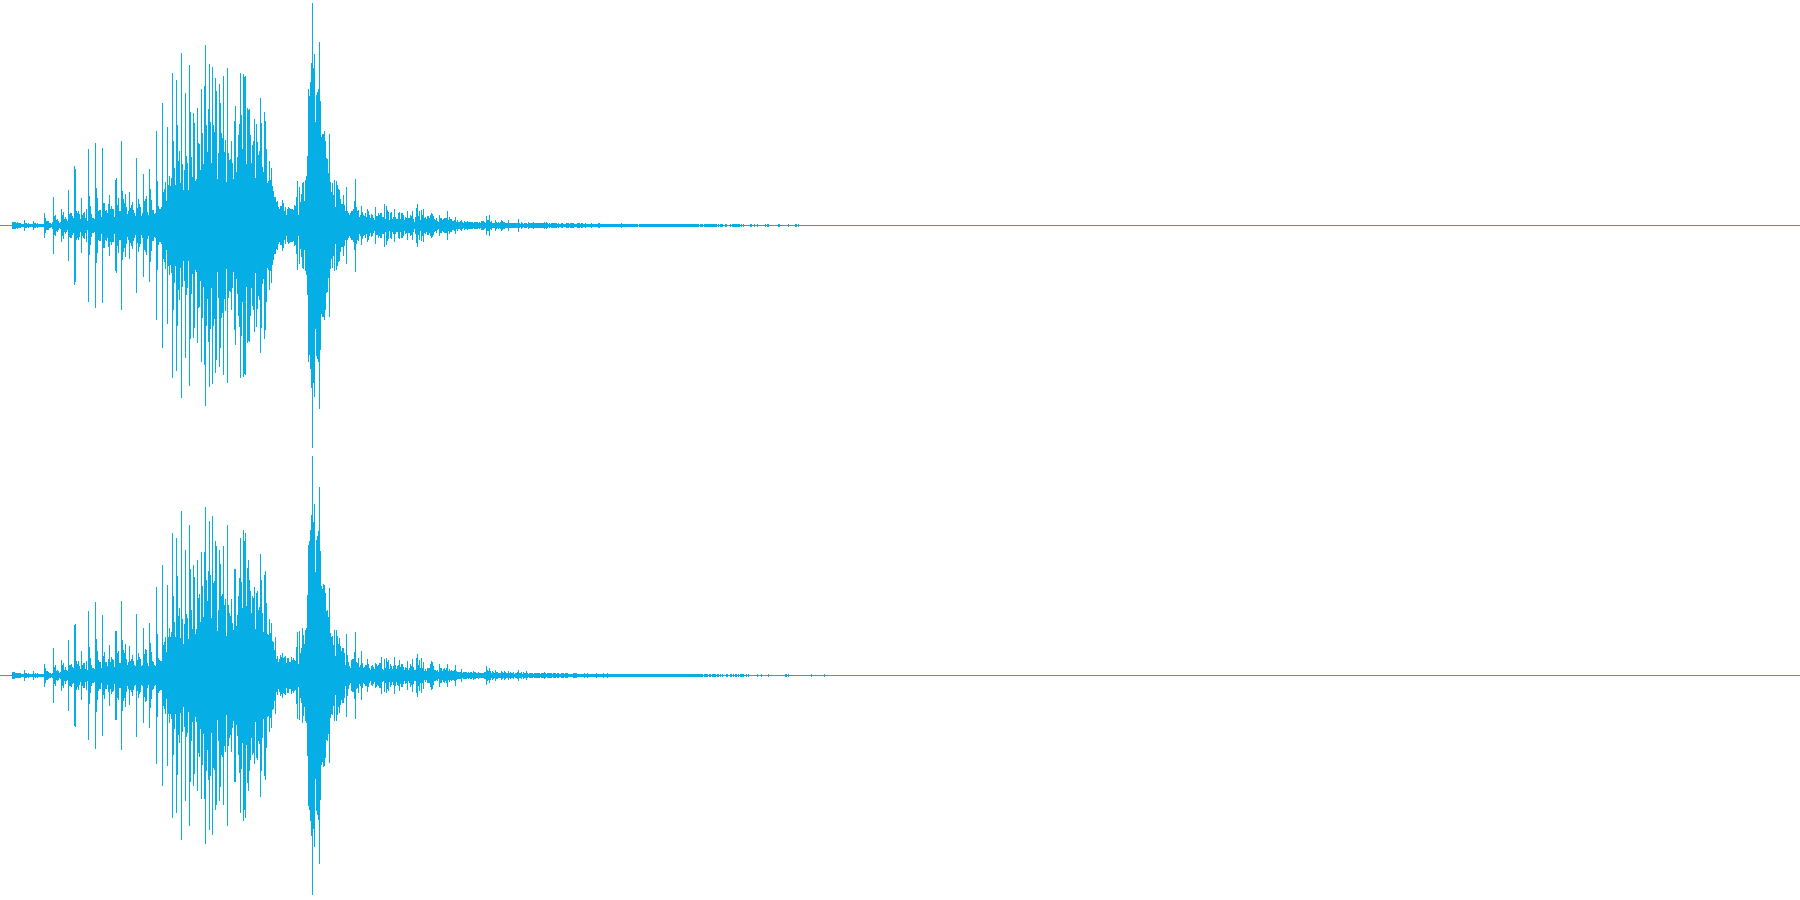 音侍SE「ジャラッ」びんざさら(木片)の再生済みの波形